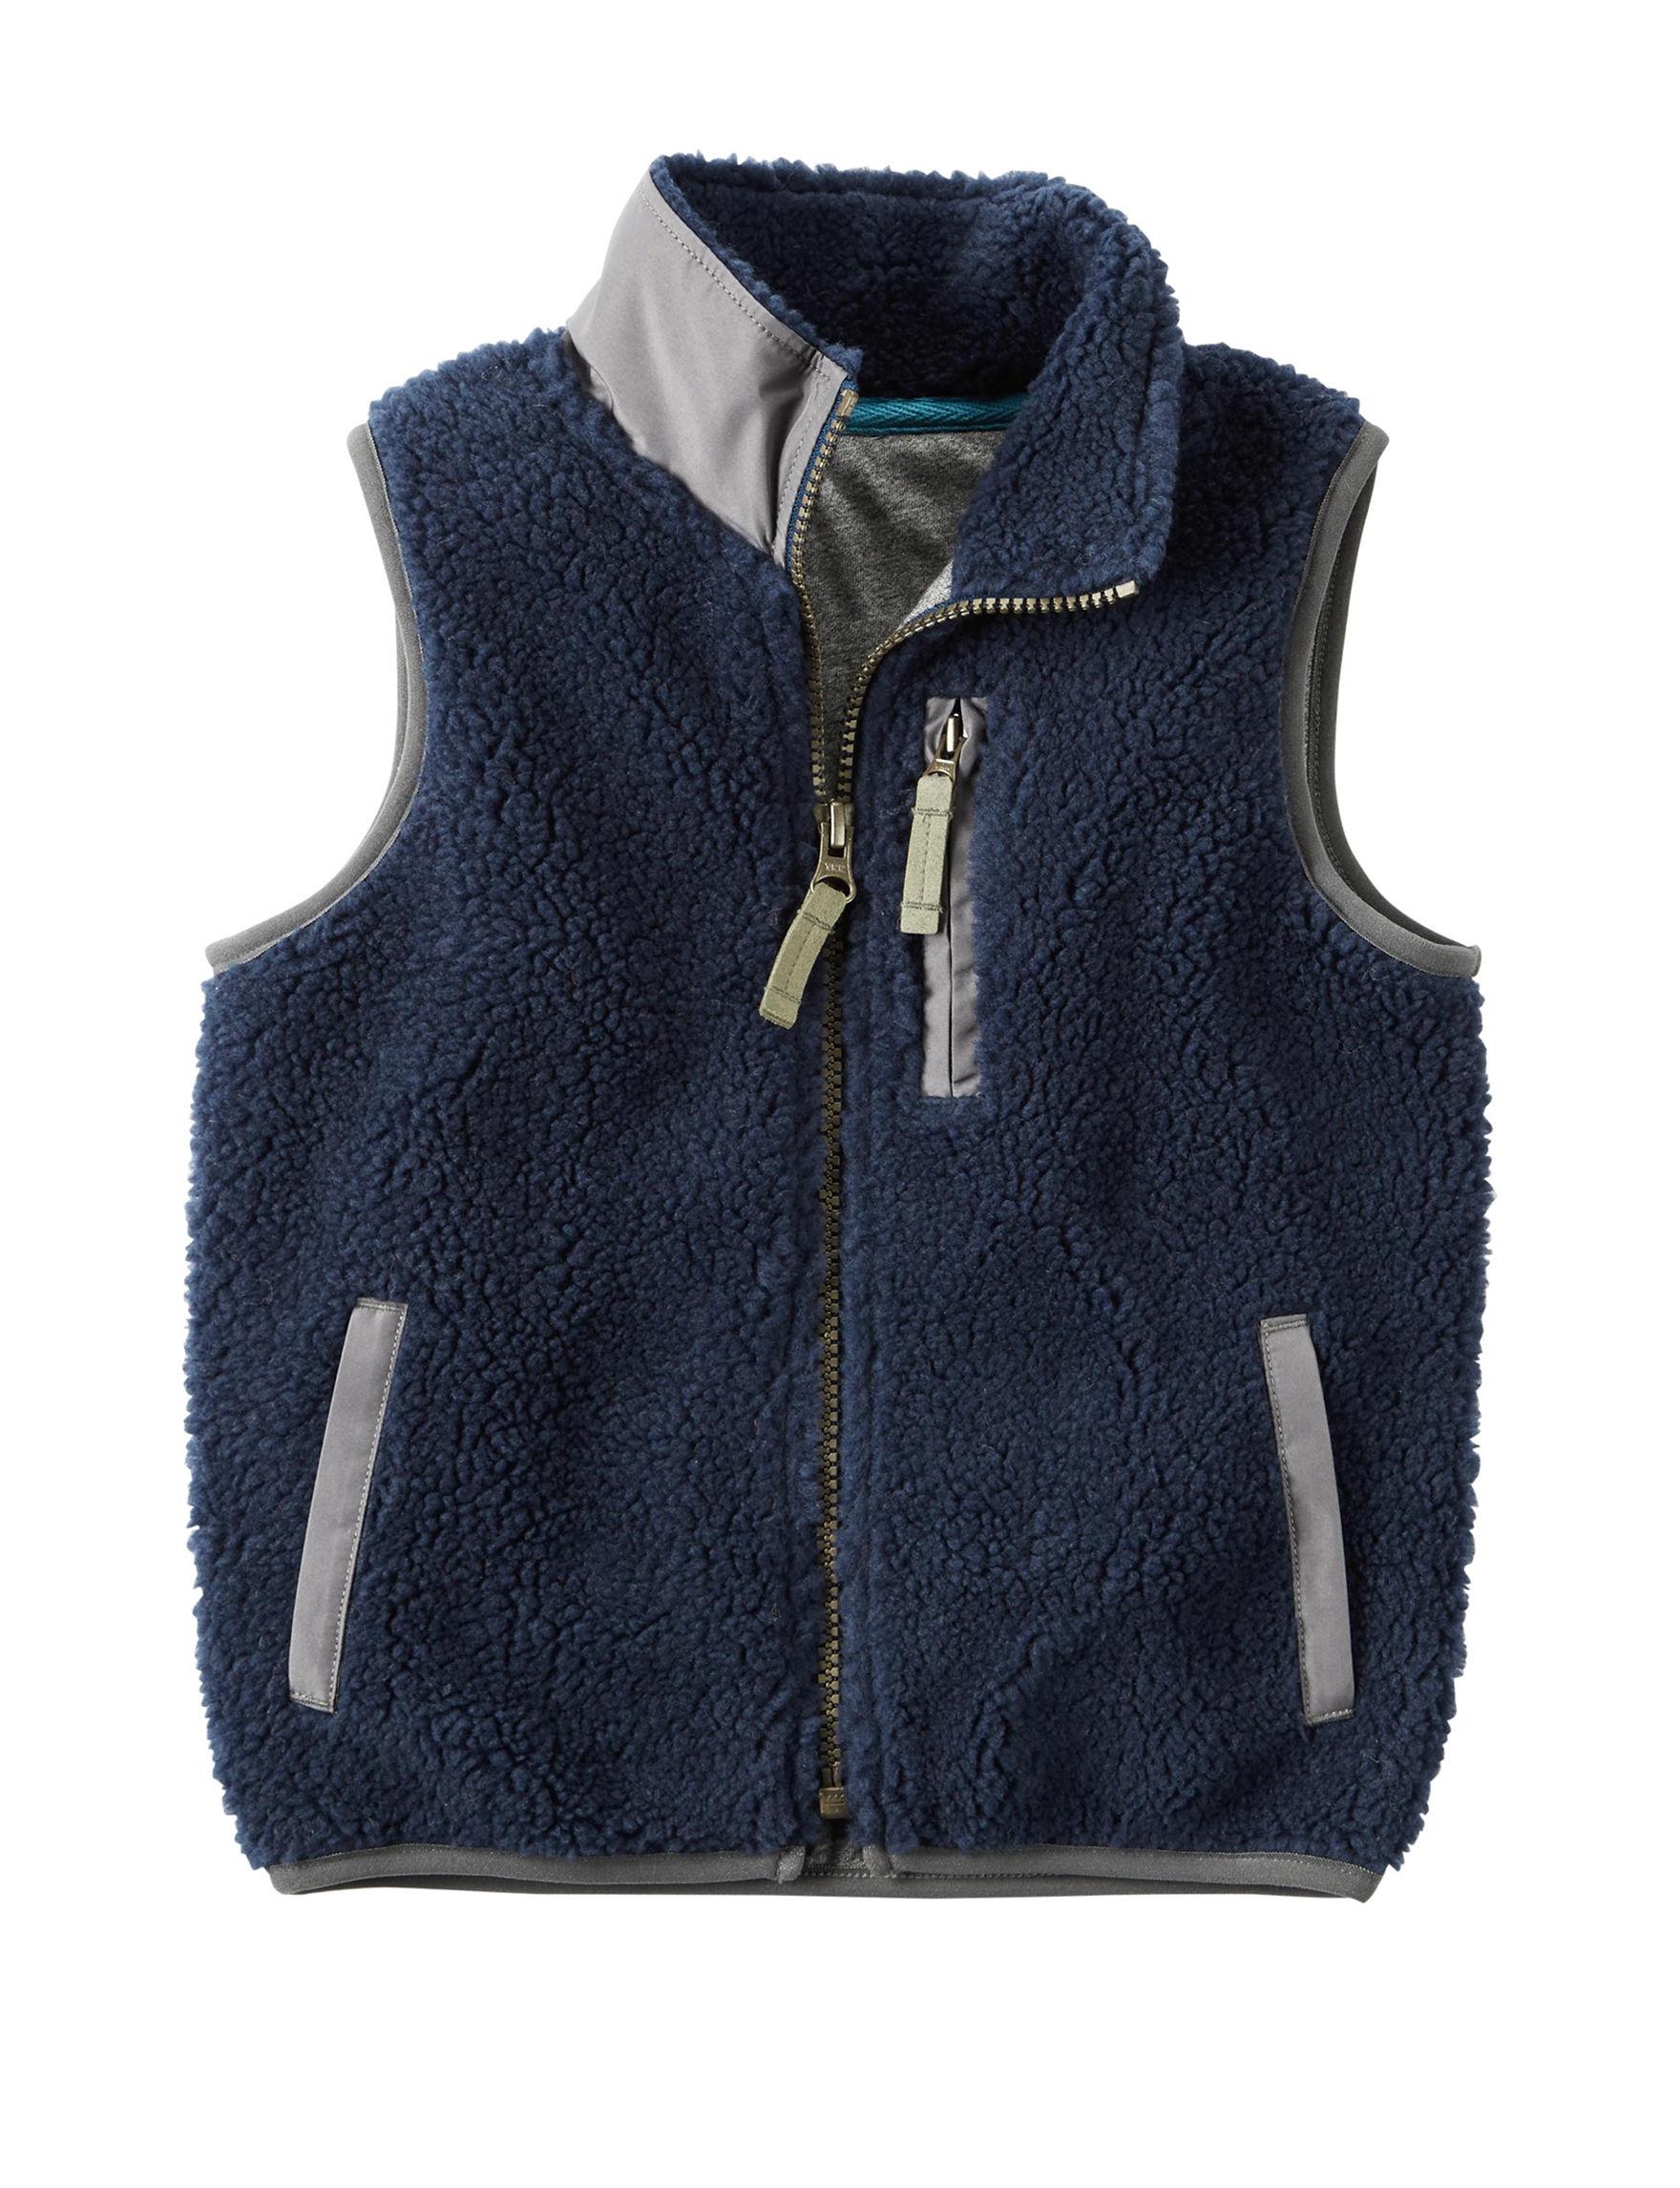 Carter's Navy Fleece & Soft Shell Jackets